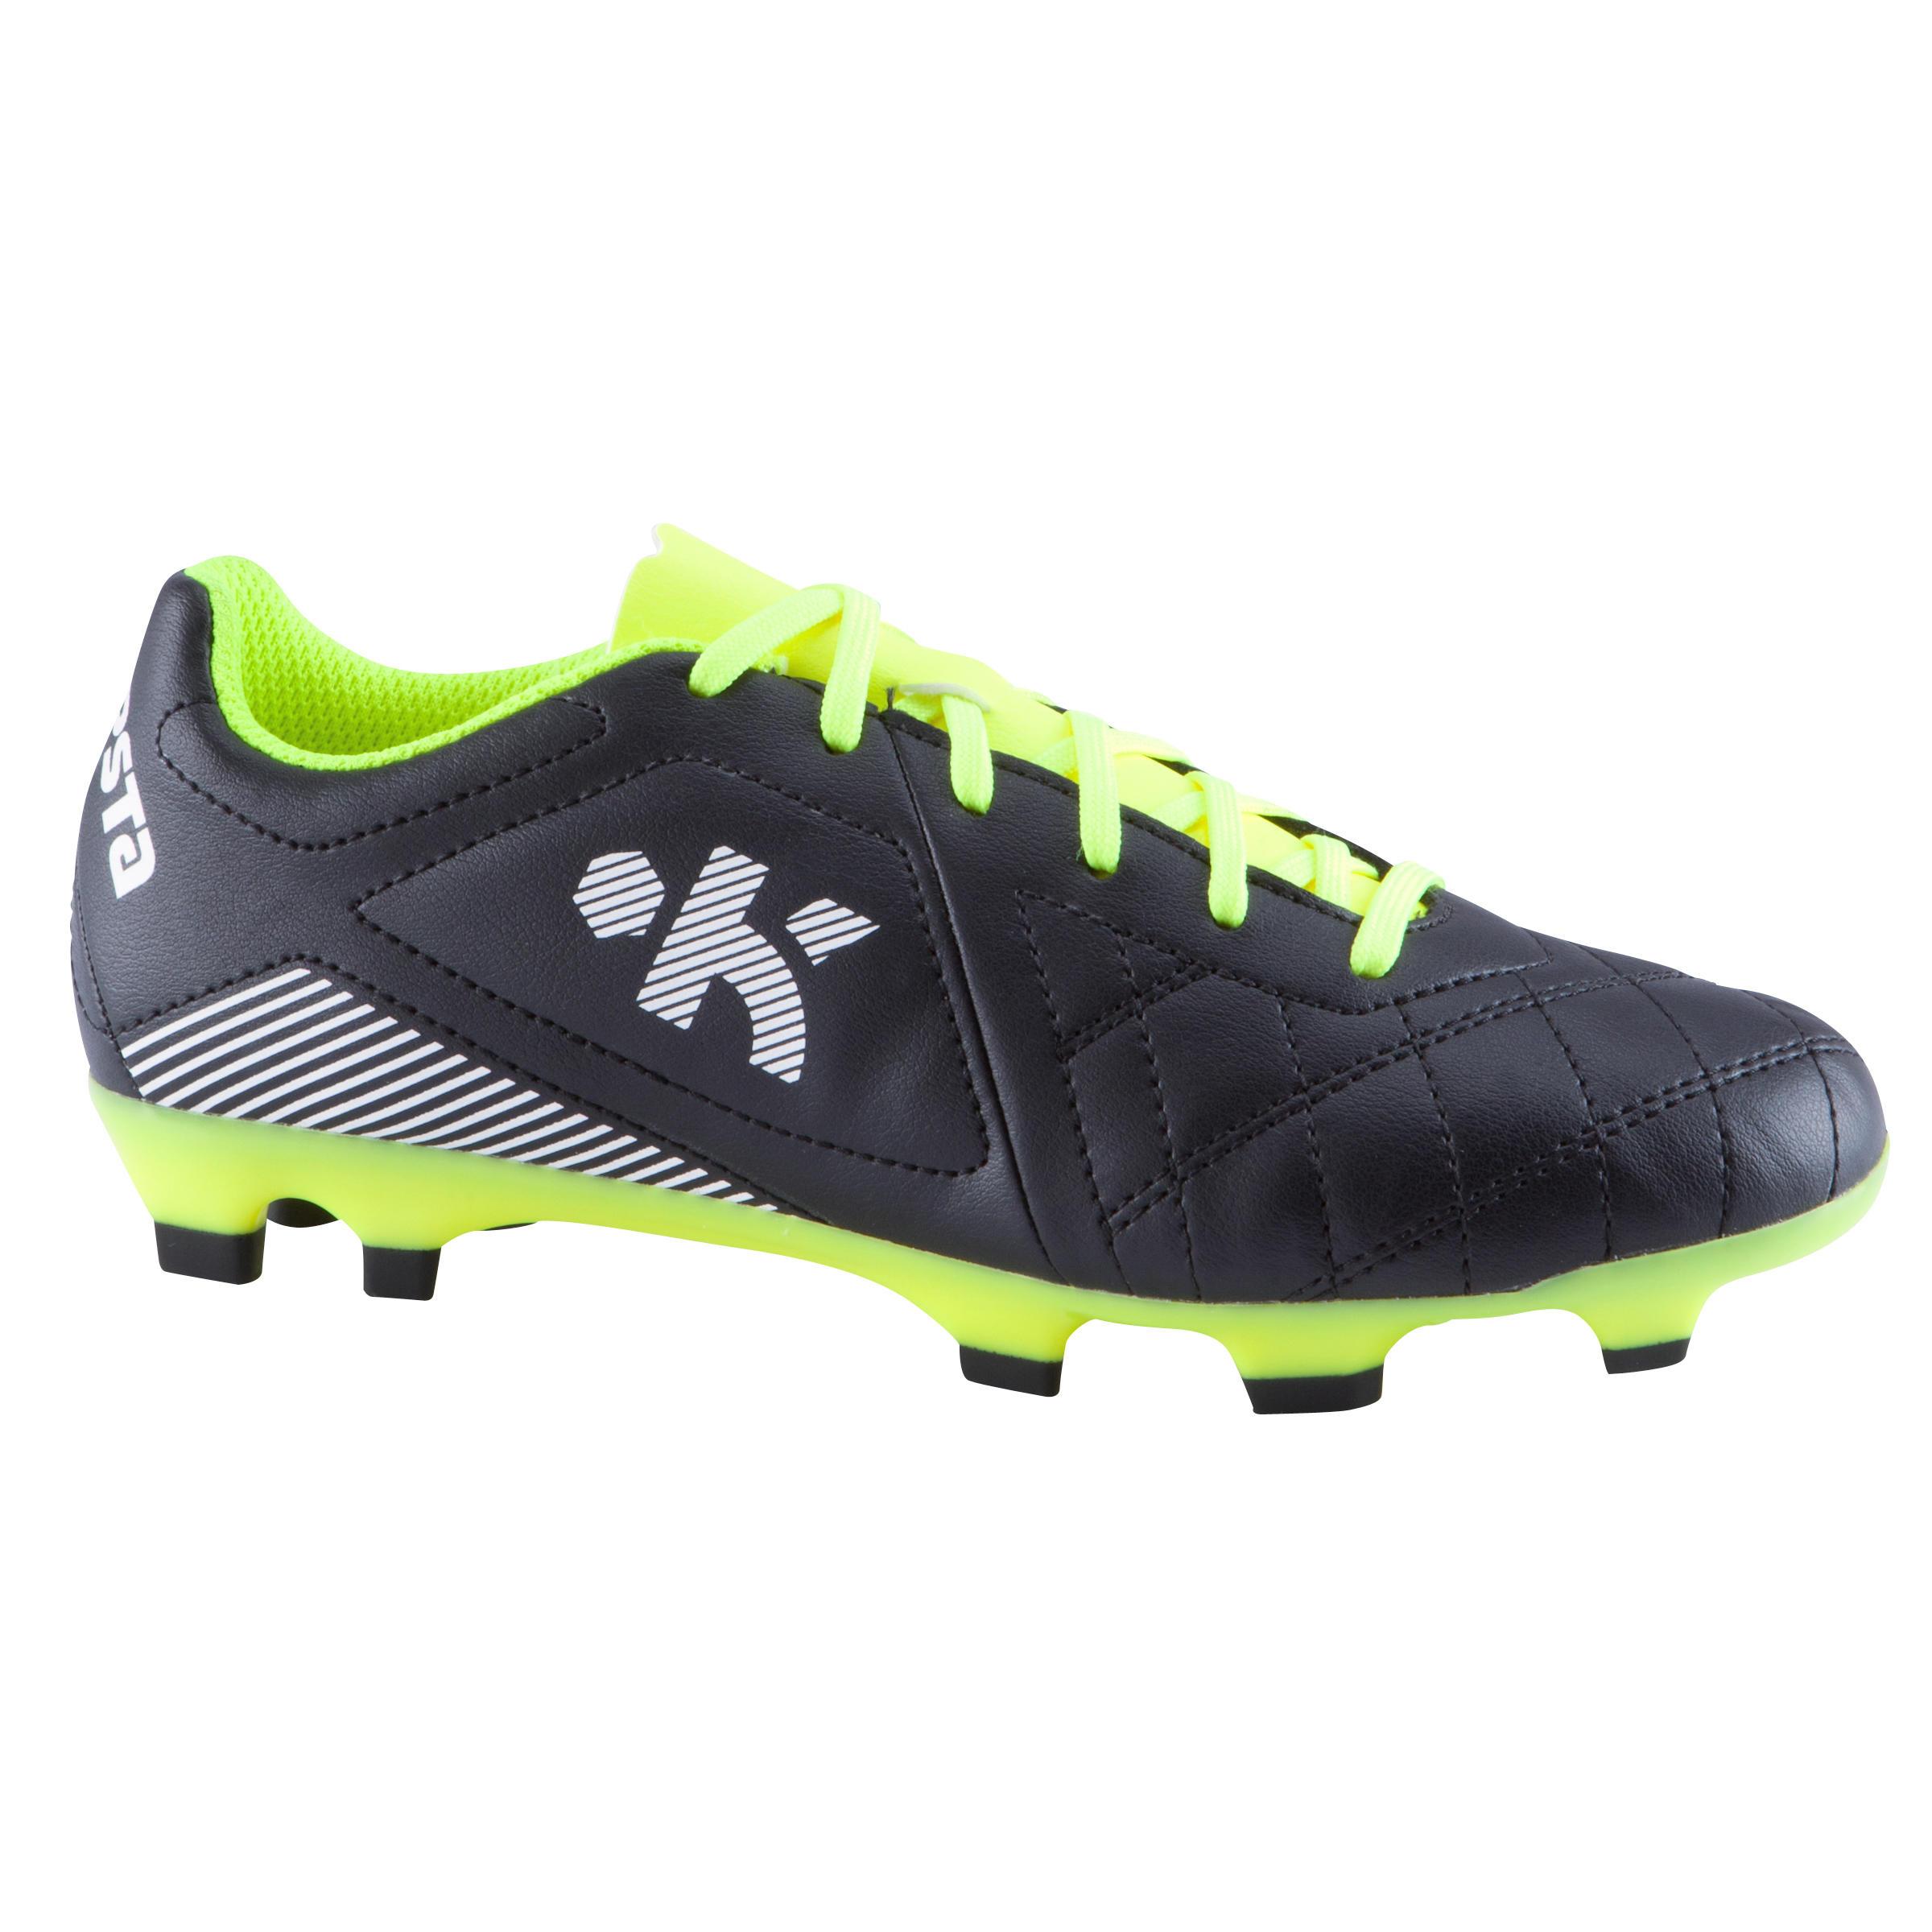 Kipsta Voetbalschoenen voor kinderen Agility 500 FG